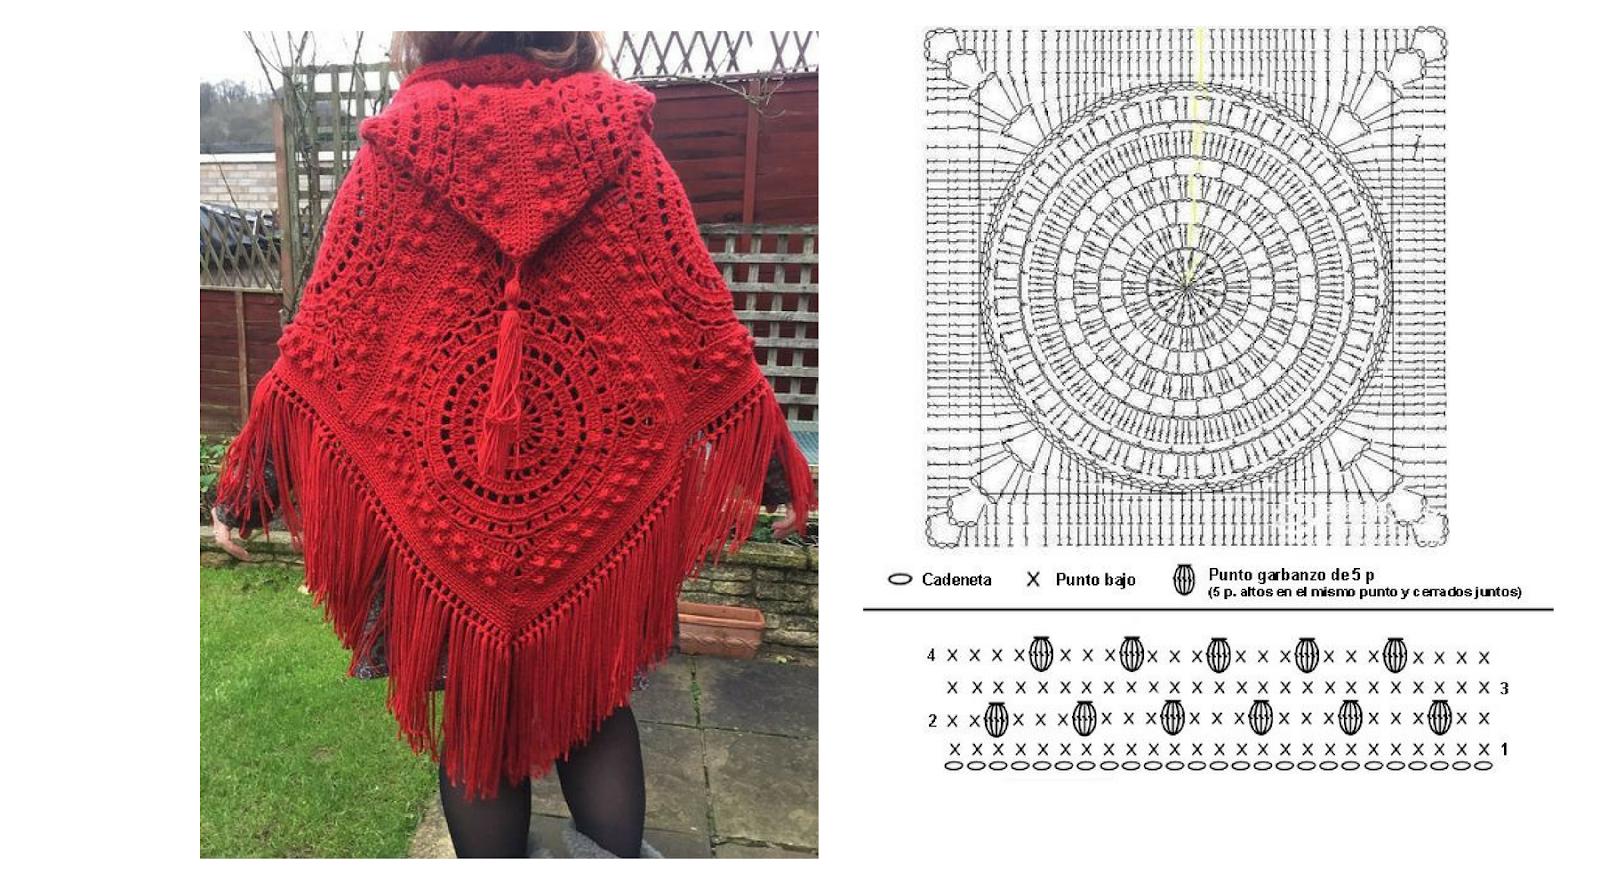 Patrones para confeccionar ponchos en crochet